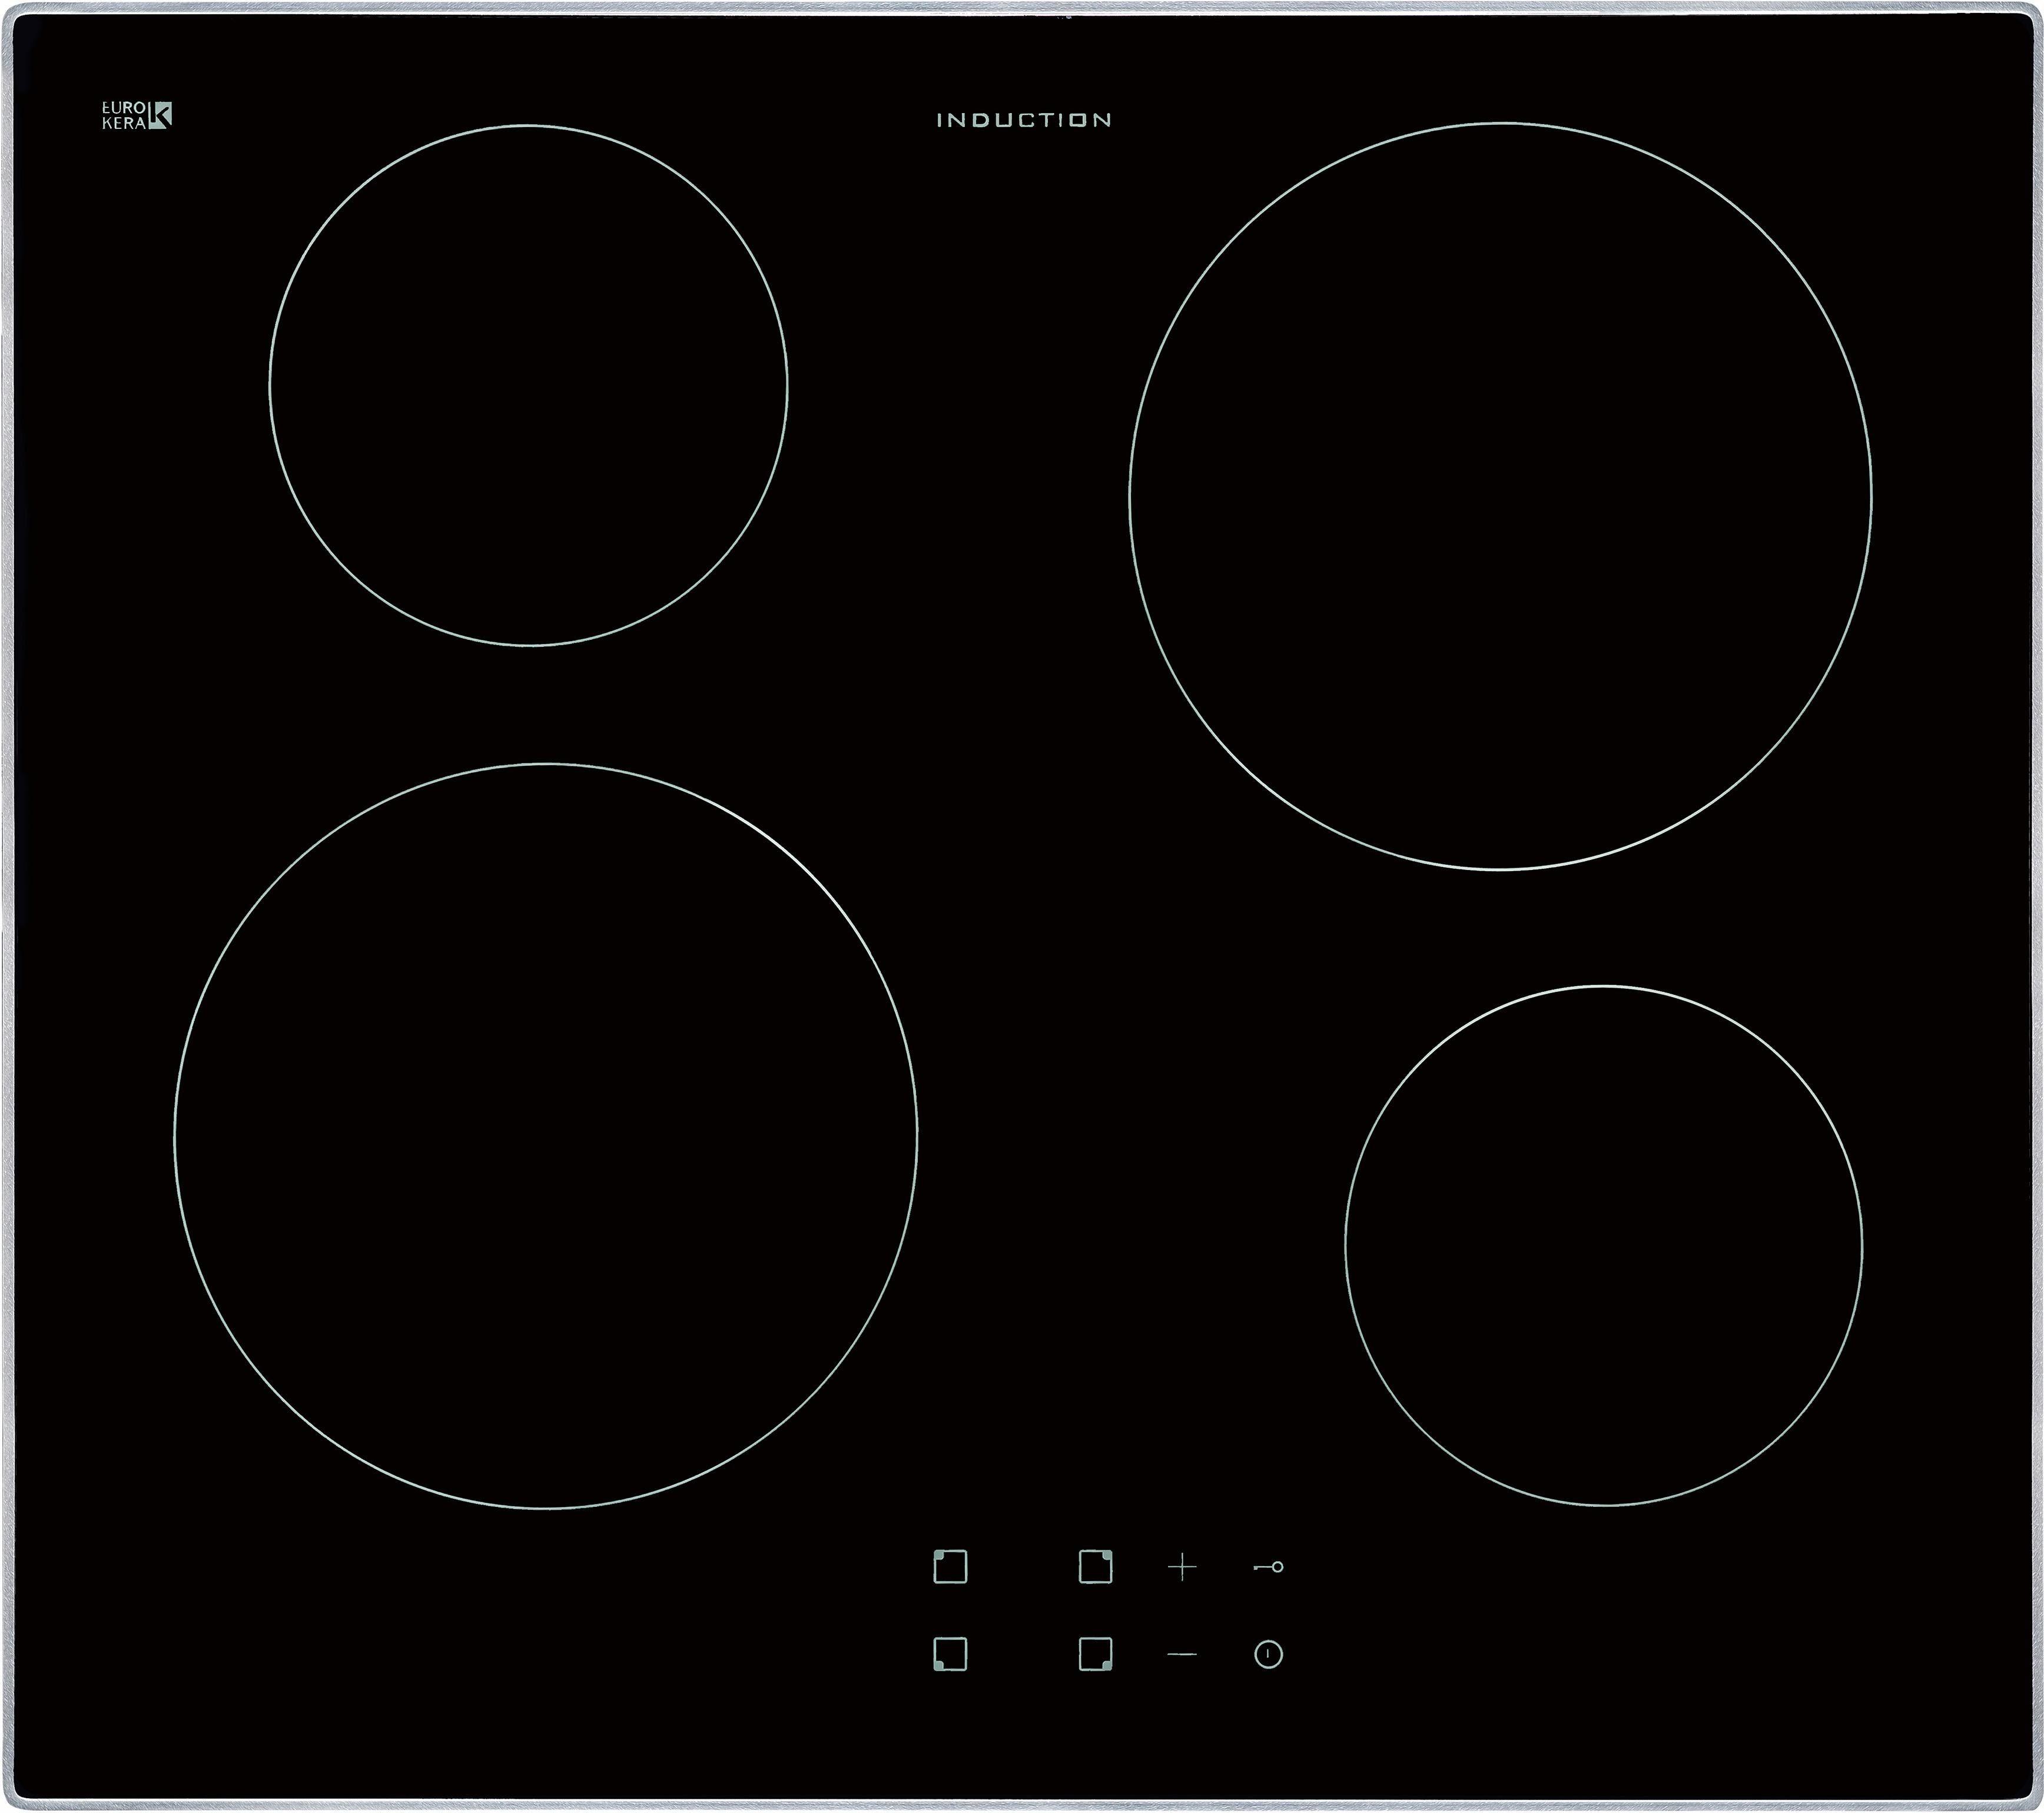 Exquisit Induktions-Kochfeld EKI 702-1R, mit Timerfunktion